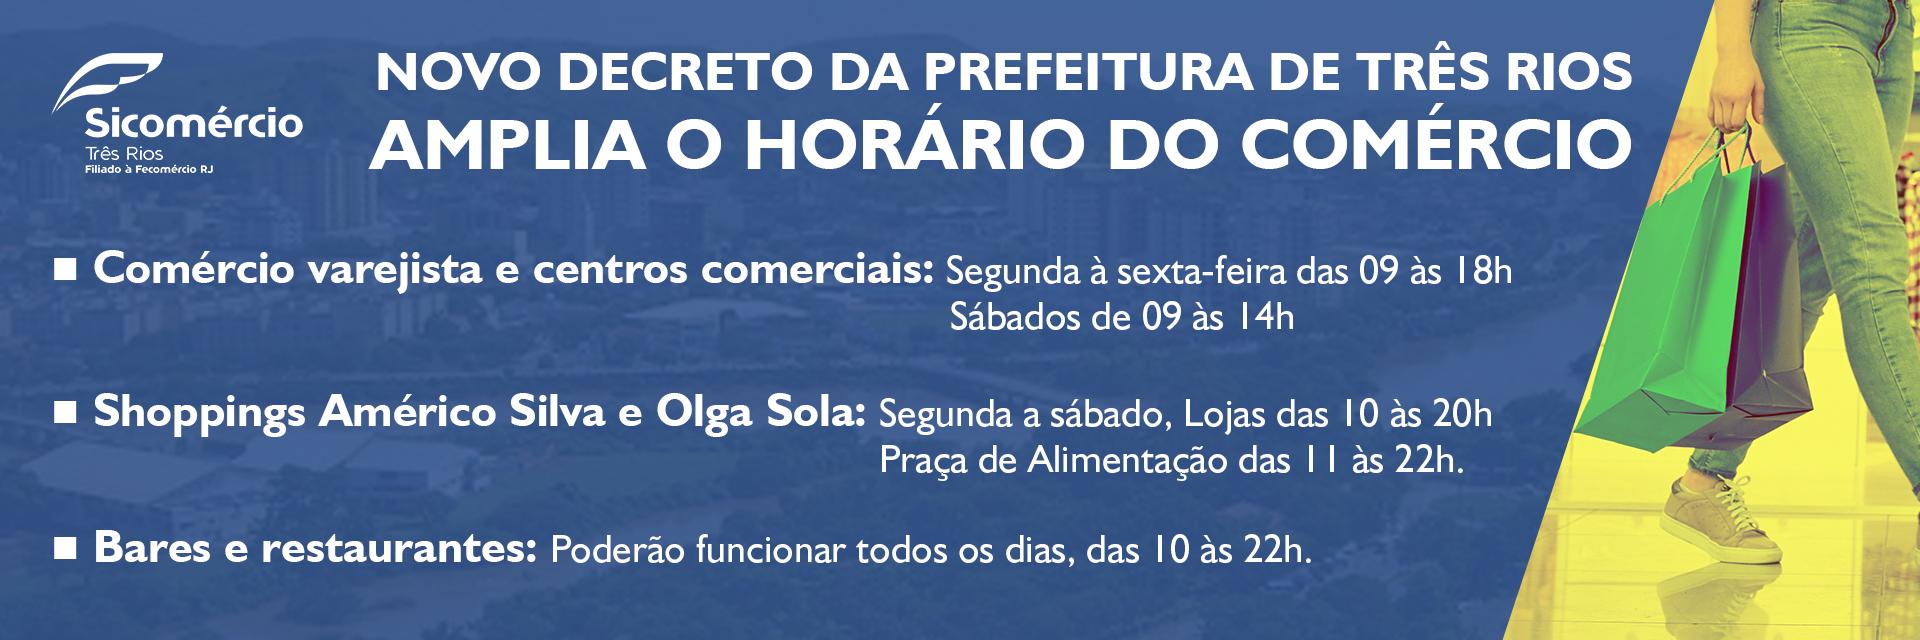 Novo decreto da Prefeitura de Três Rios amplia o horário do comércio